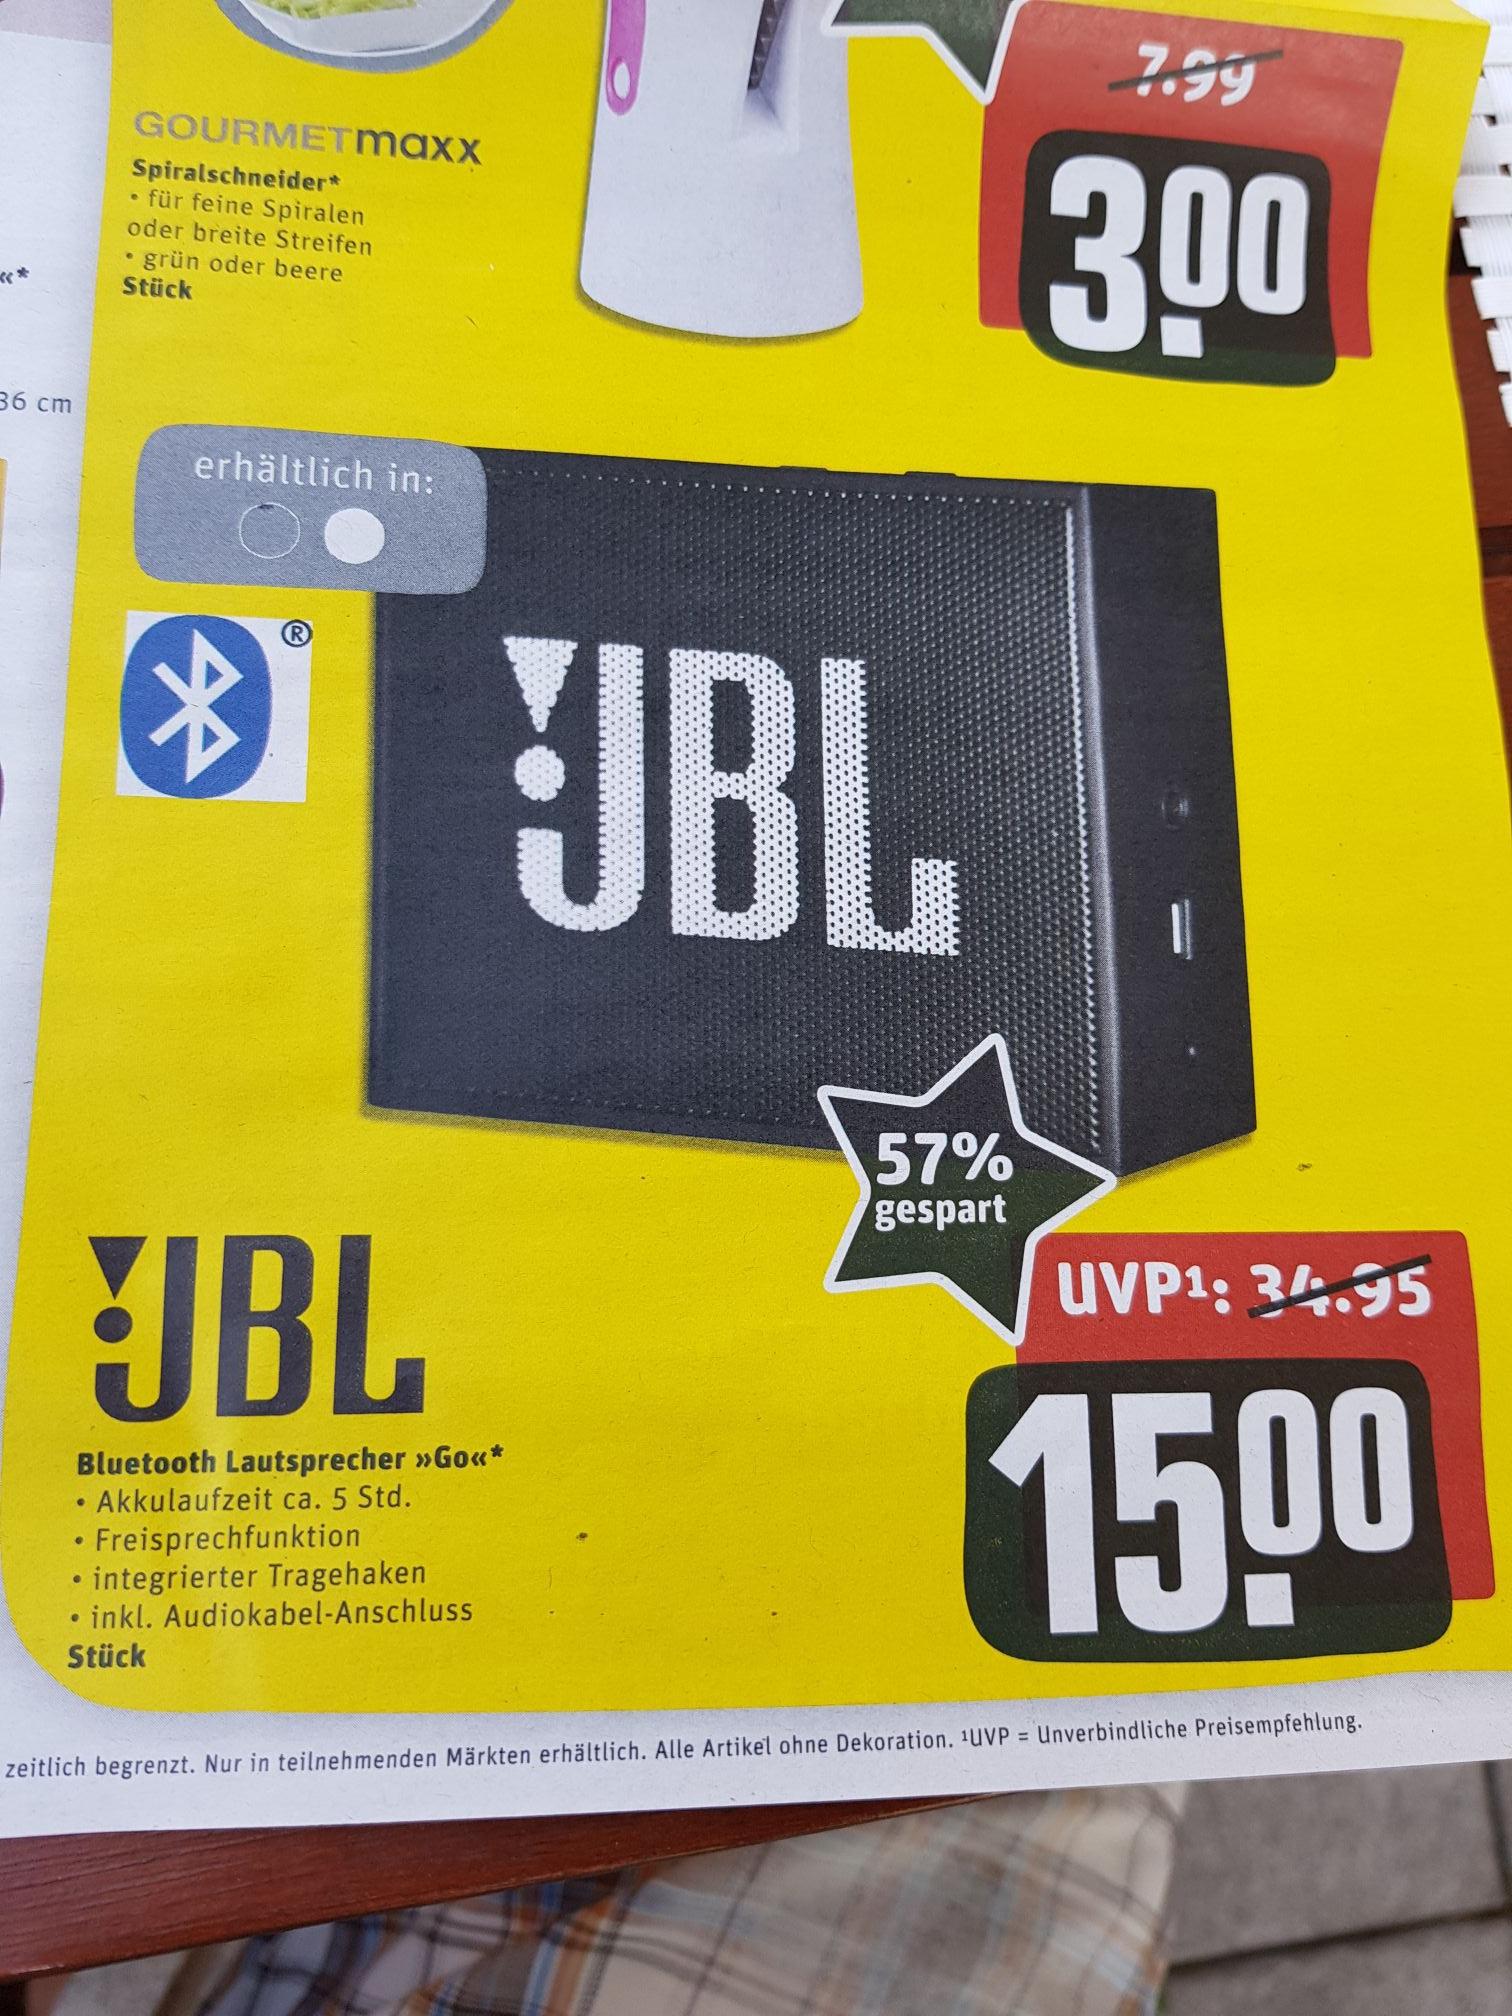 JBL Bluetooth Lautsprecher Go bei REWE Center